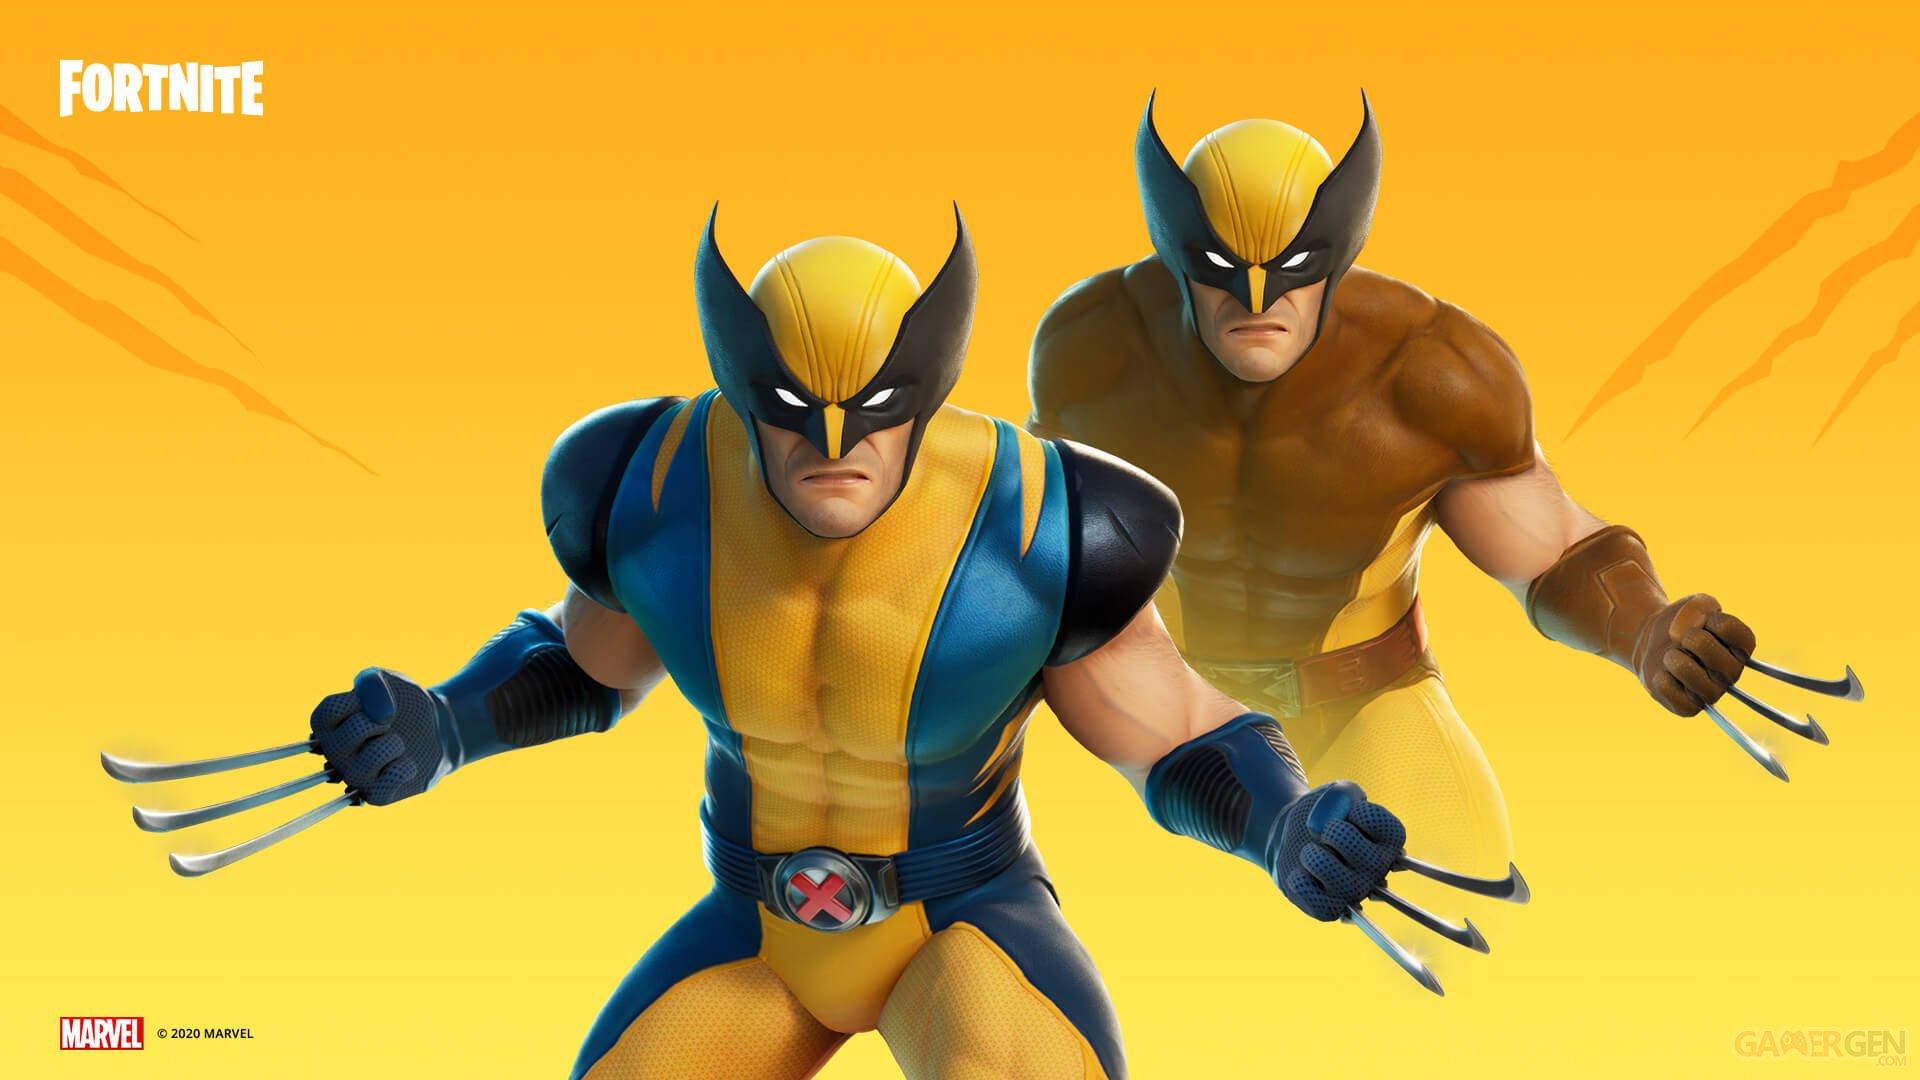 Fortnite La Skin De Wolverine Enfin Disponible Voici Comment L Obtenir Gratuitement Gamergen Com